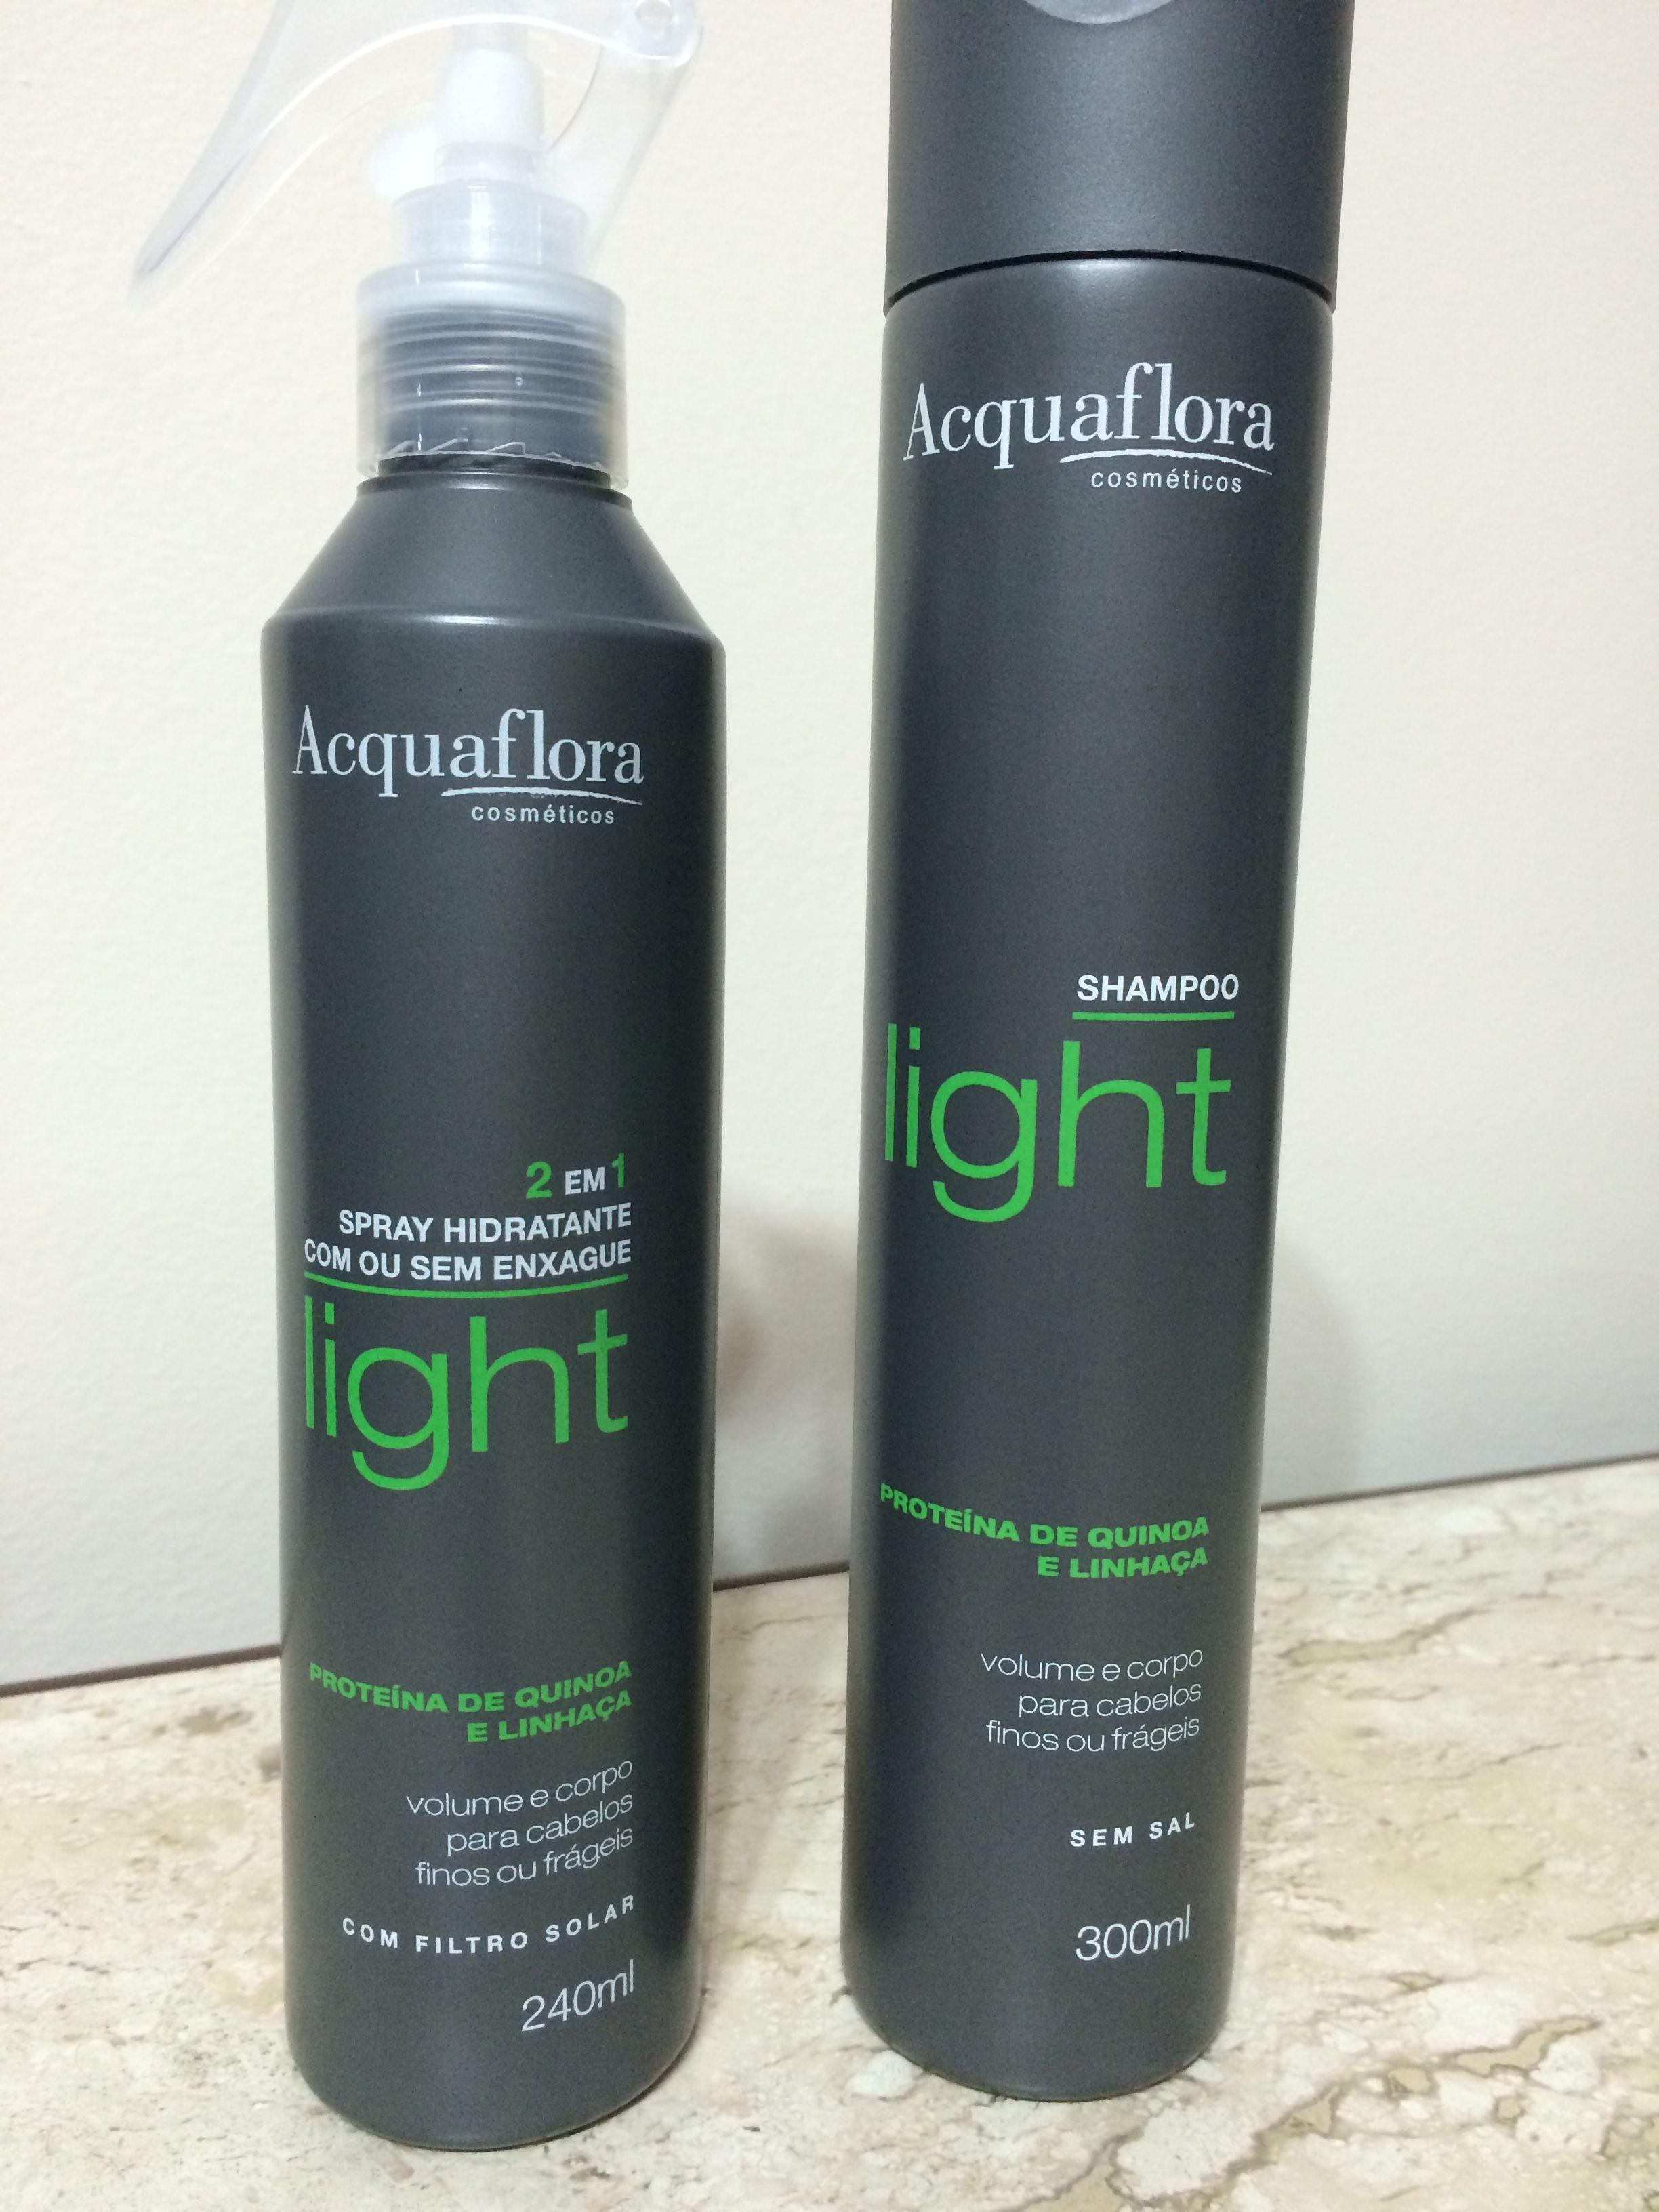 Shampoo e spray light de proteína de quinoa e linhaça para dar volume e corpo para cabelos finos ou frágeis da Acquaflora cosméticos.